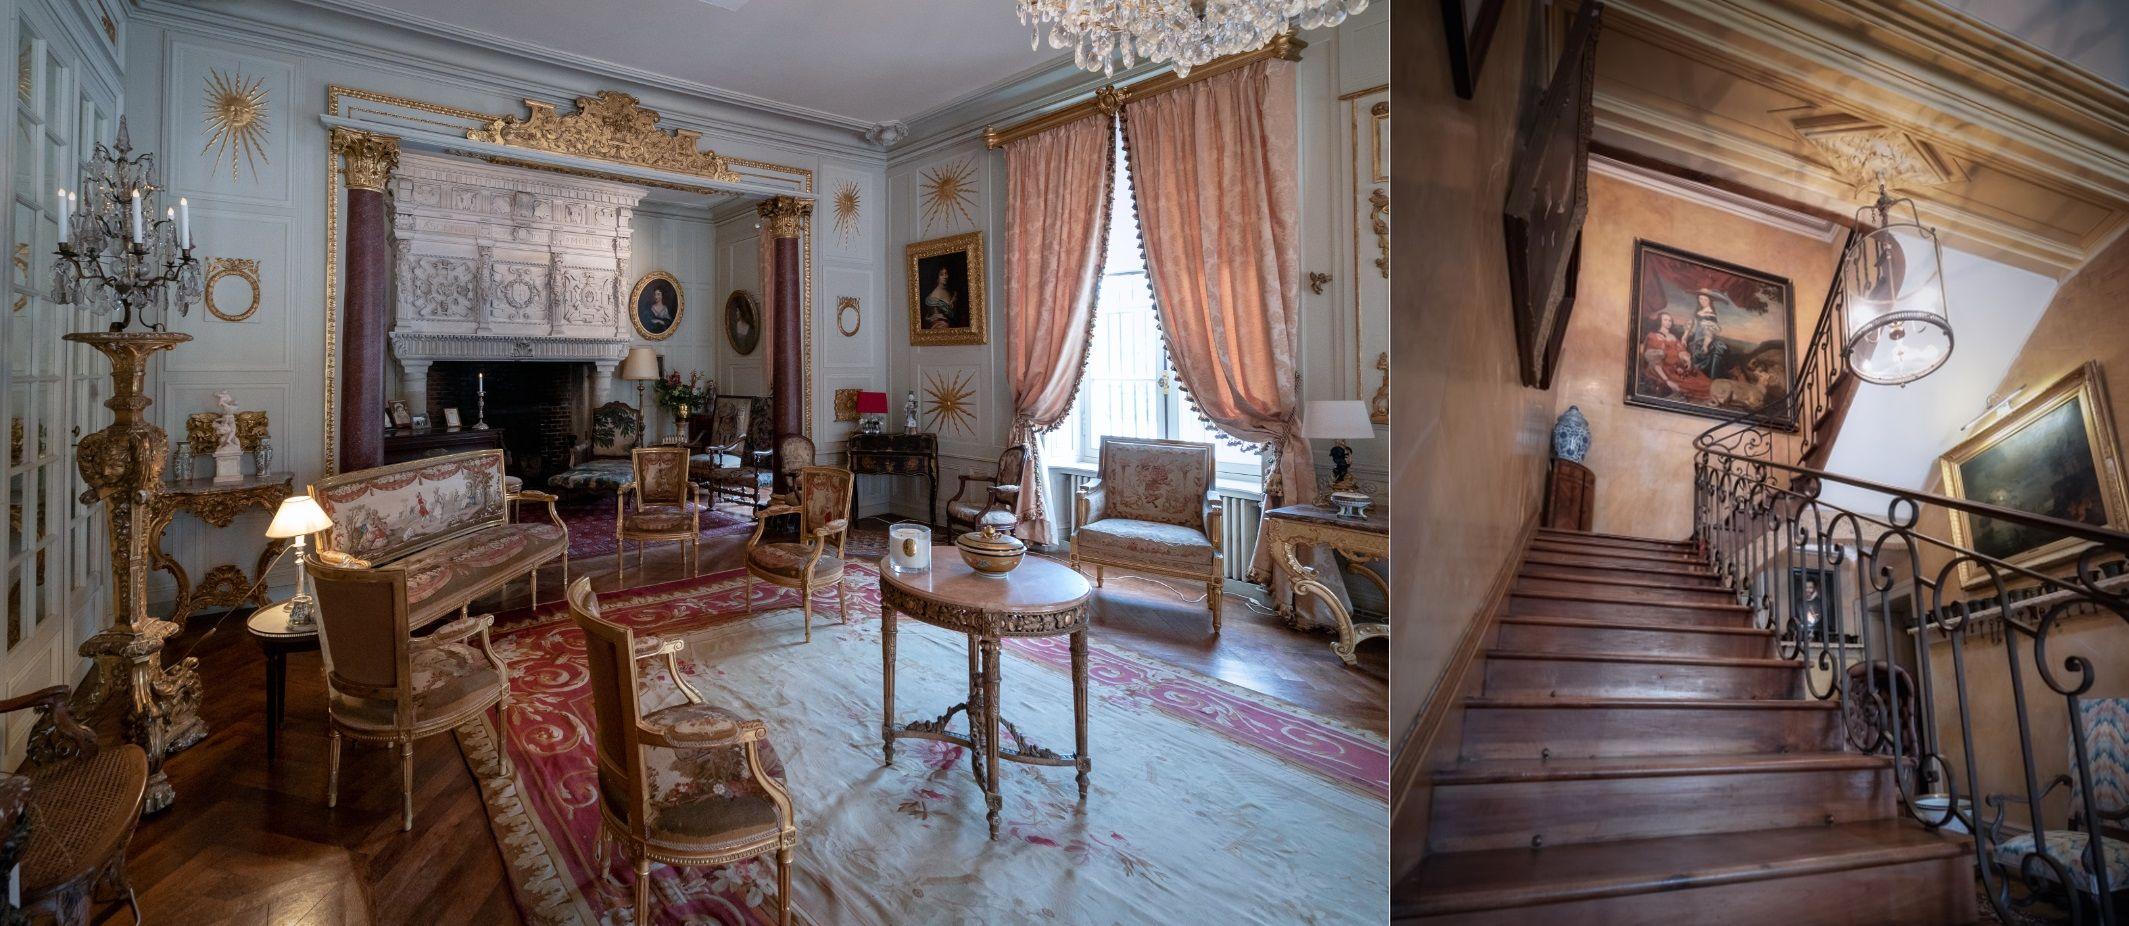 L'intérieur du château de Terre-Neuve à Fontenay-le-Comte dans le parc naturel régional du Marais poitevin.